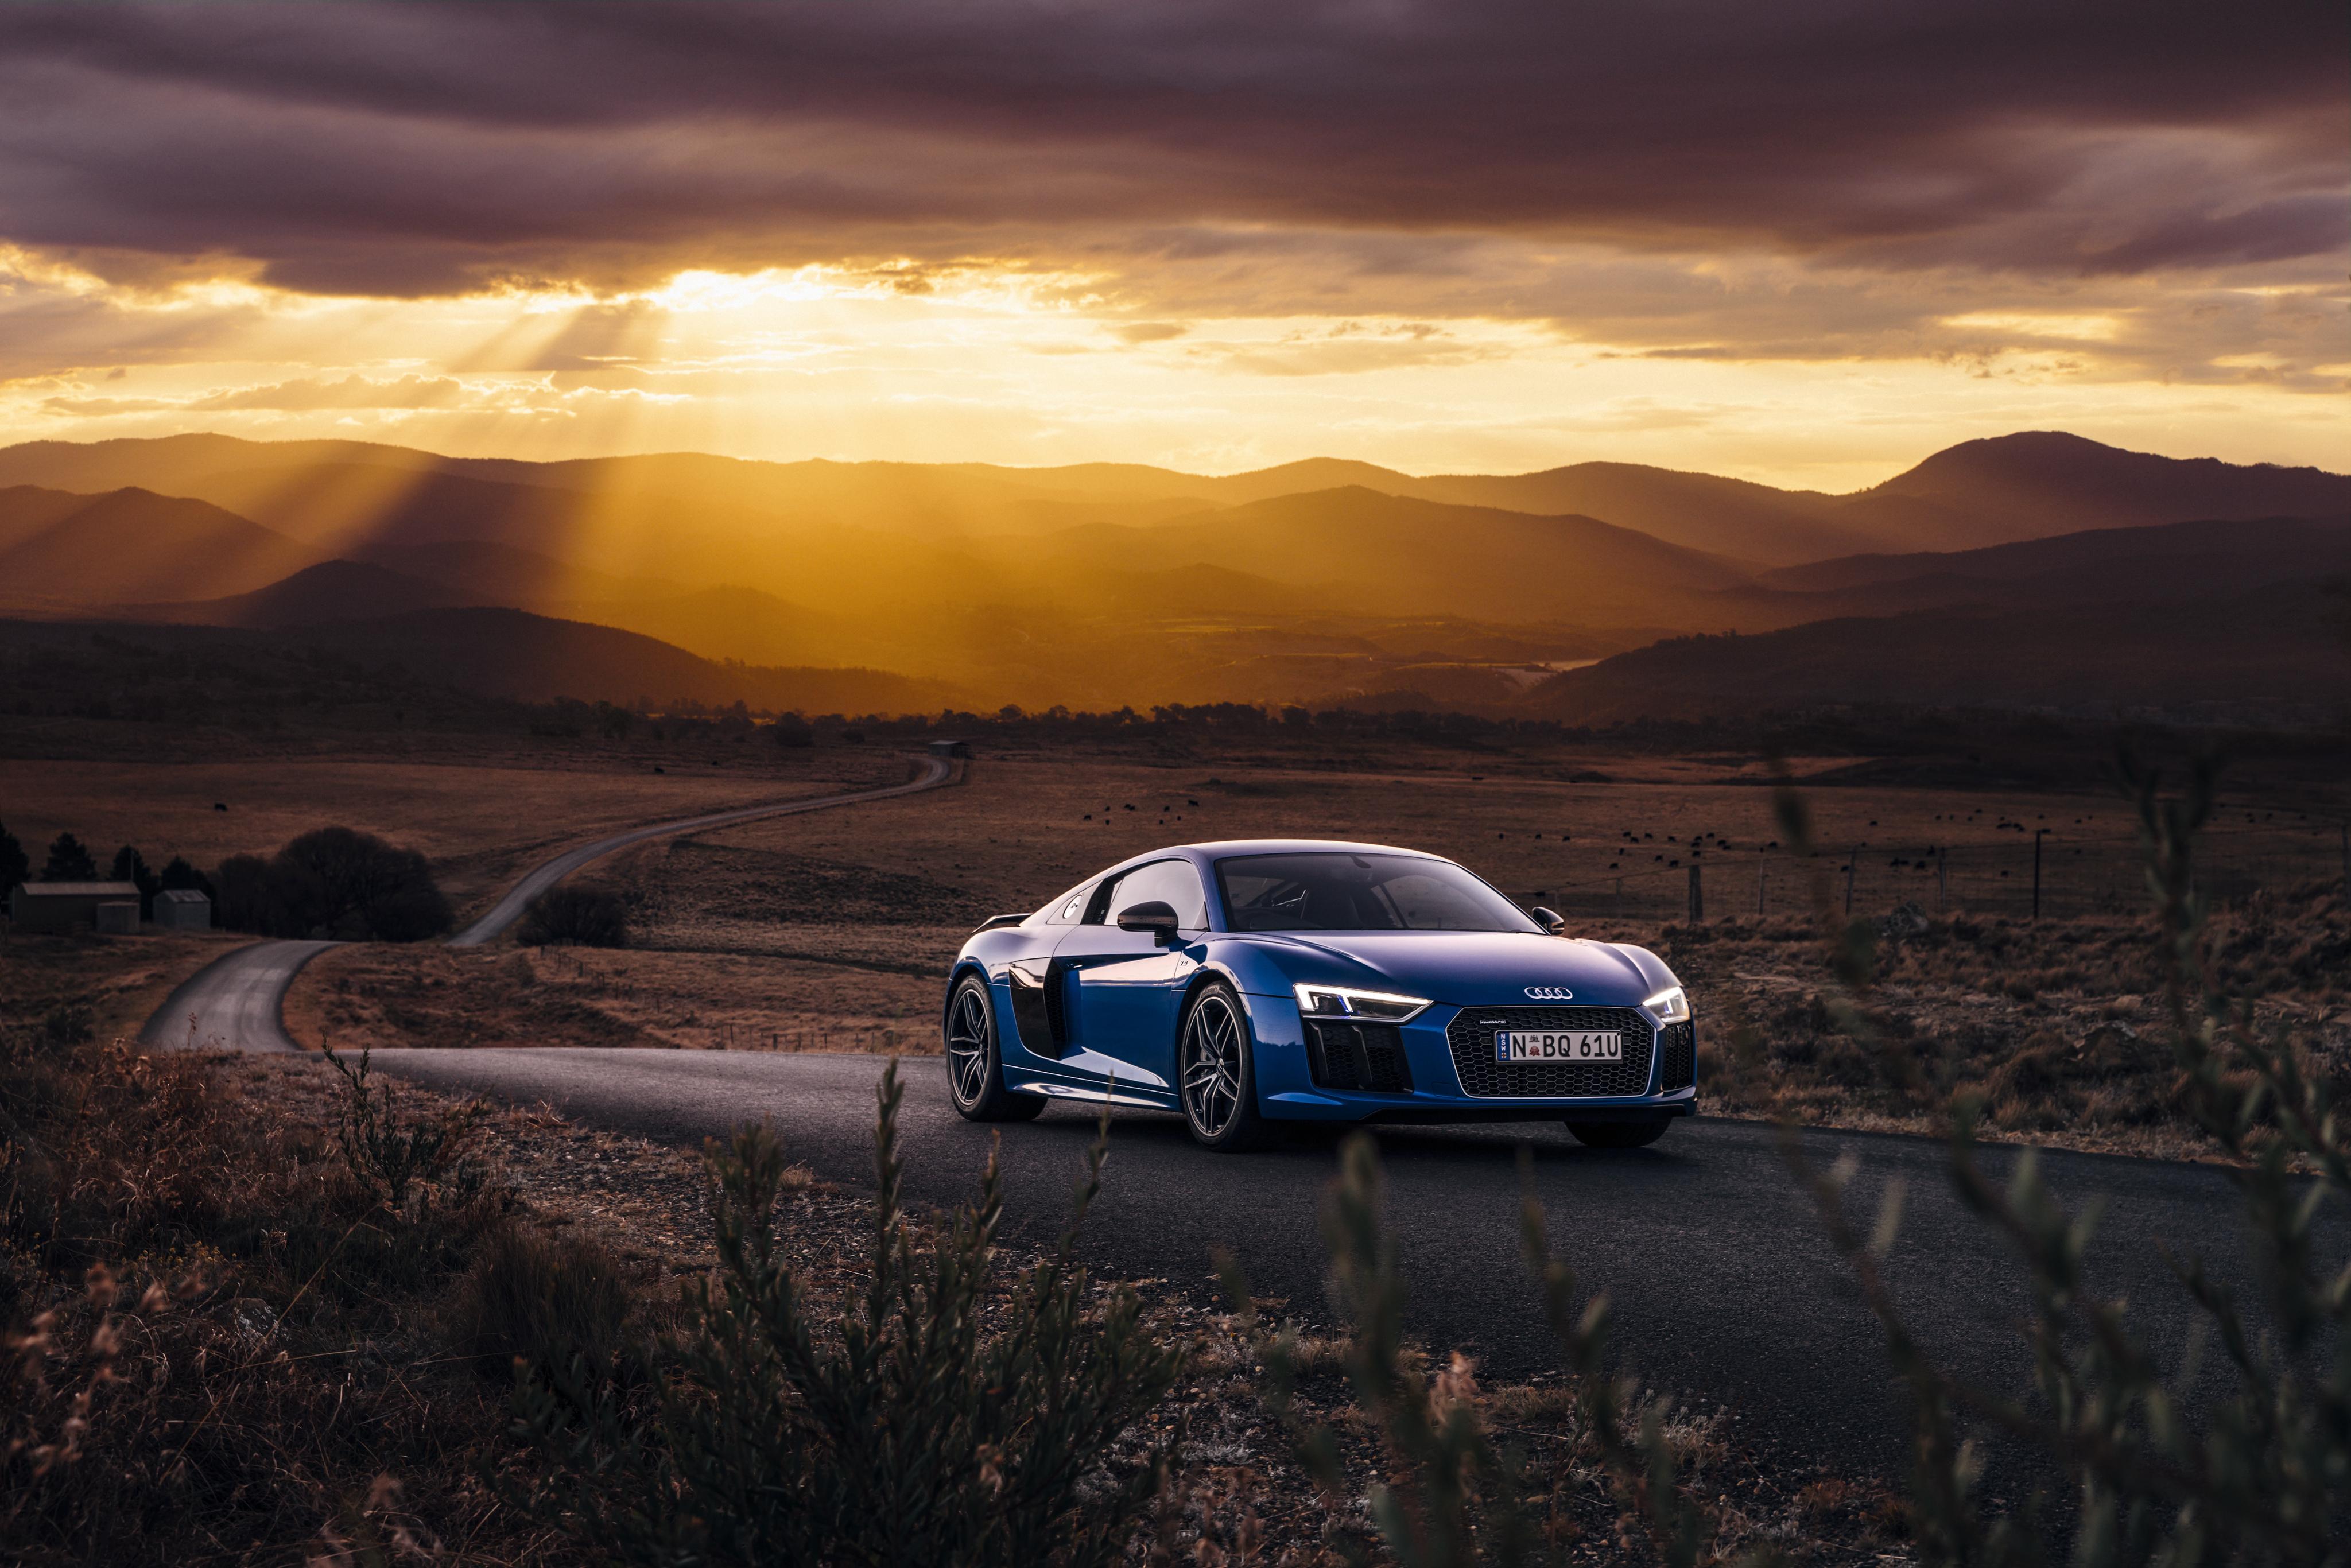 Audi песок дорога  № 2442050 бесплатно